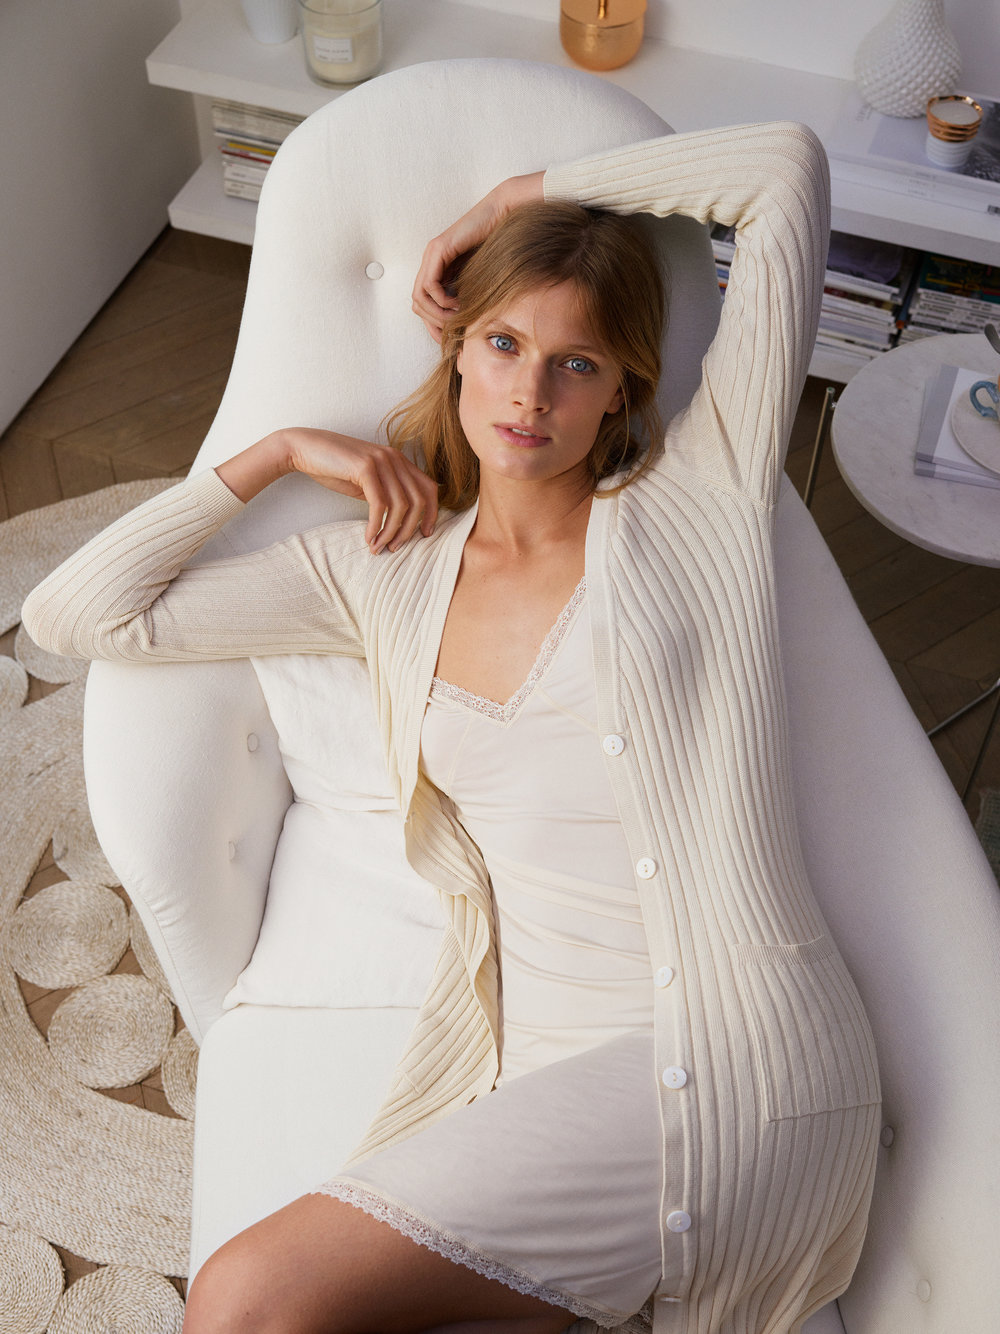 Zara Home Lingerie SS17 (12).jpg